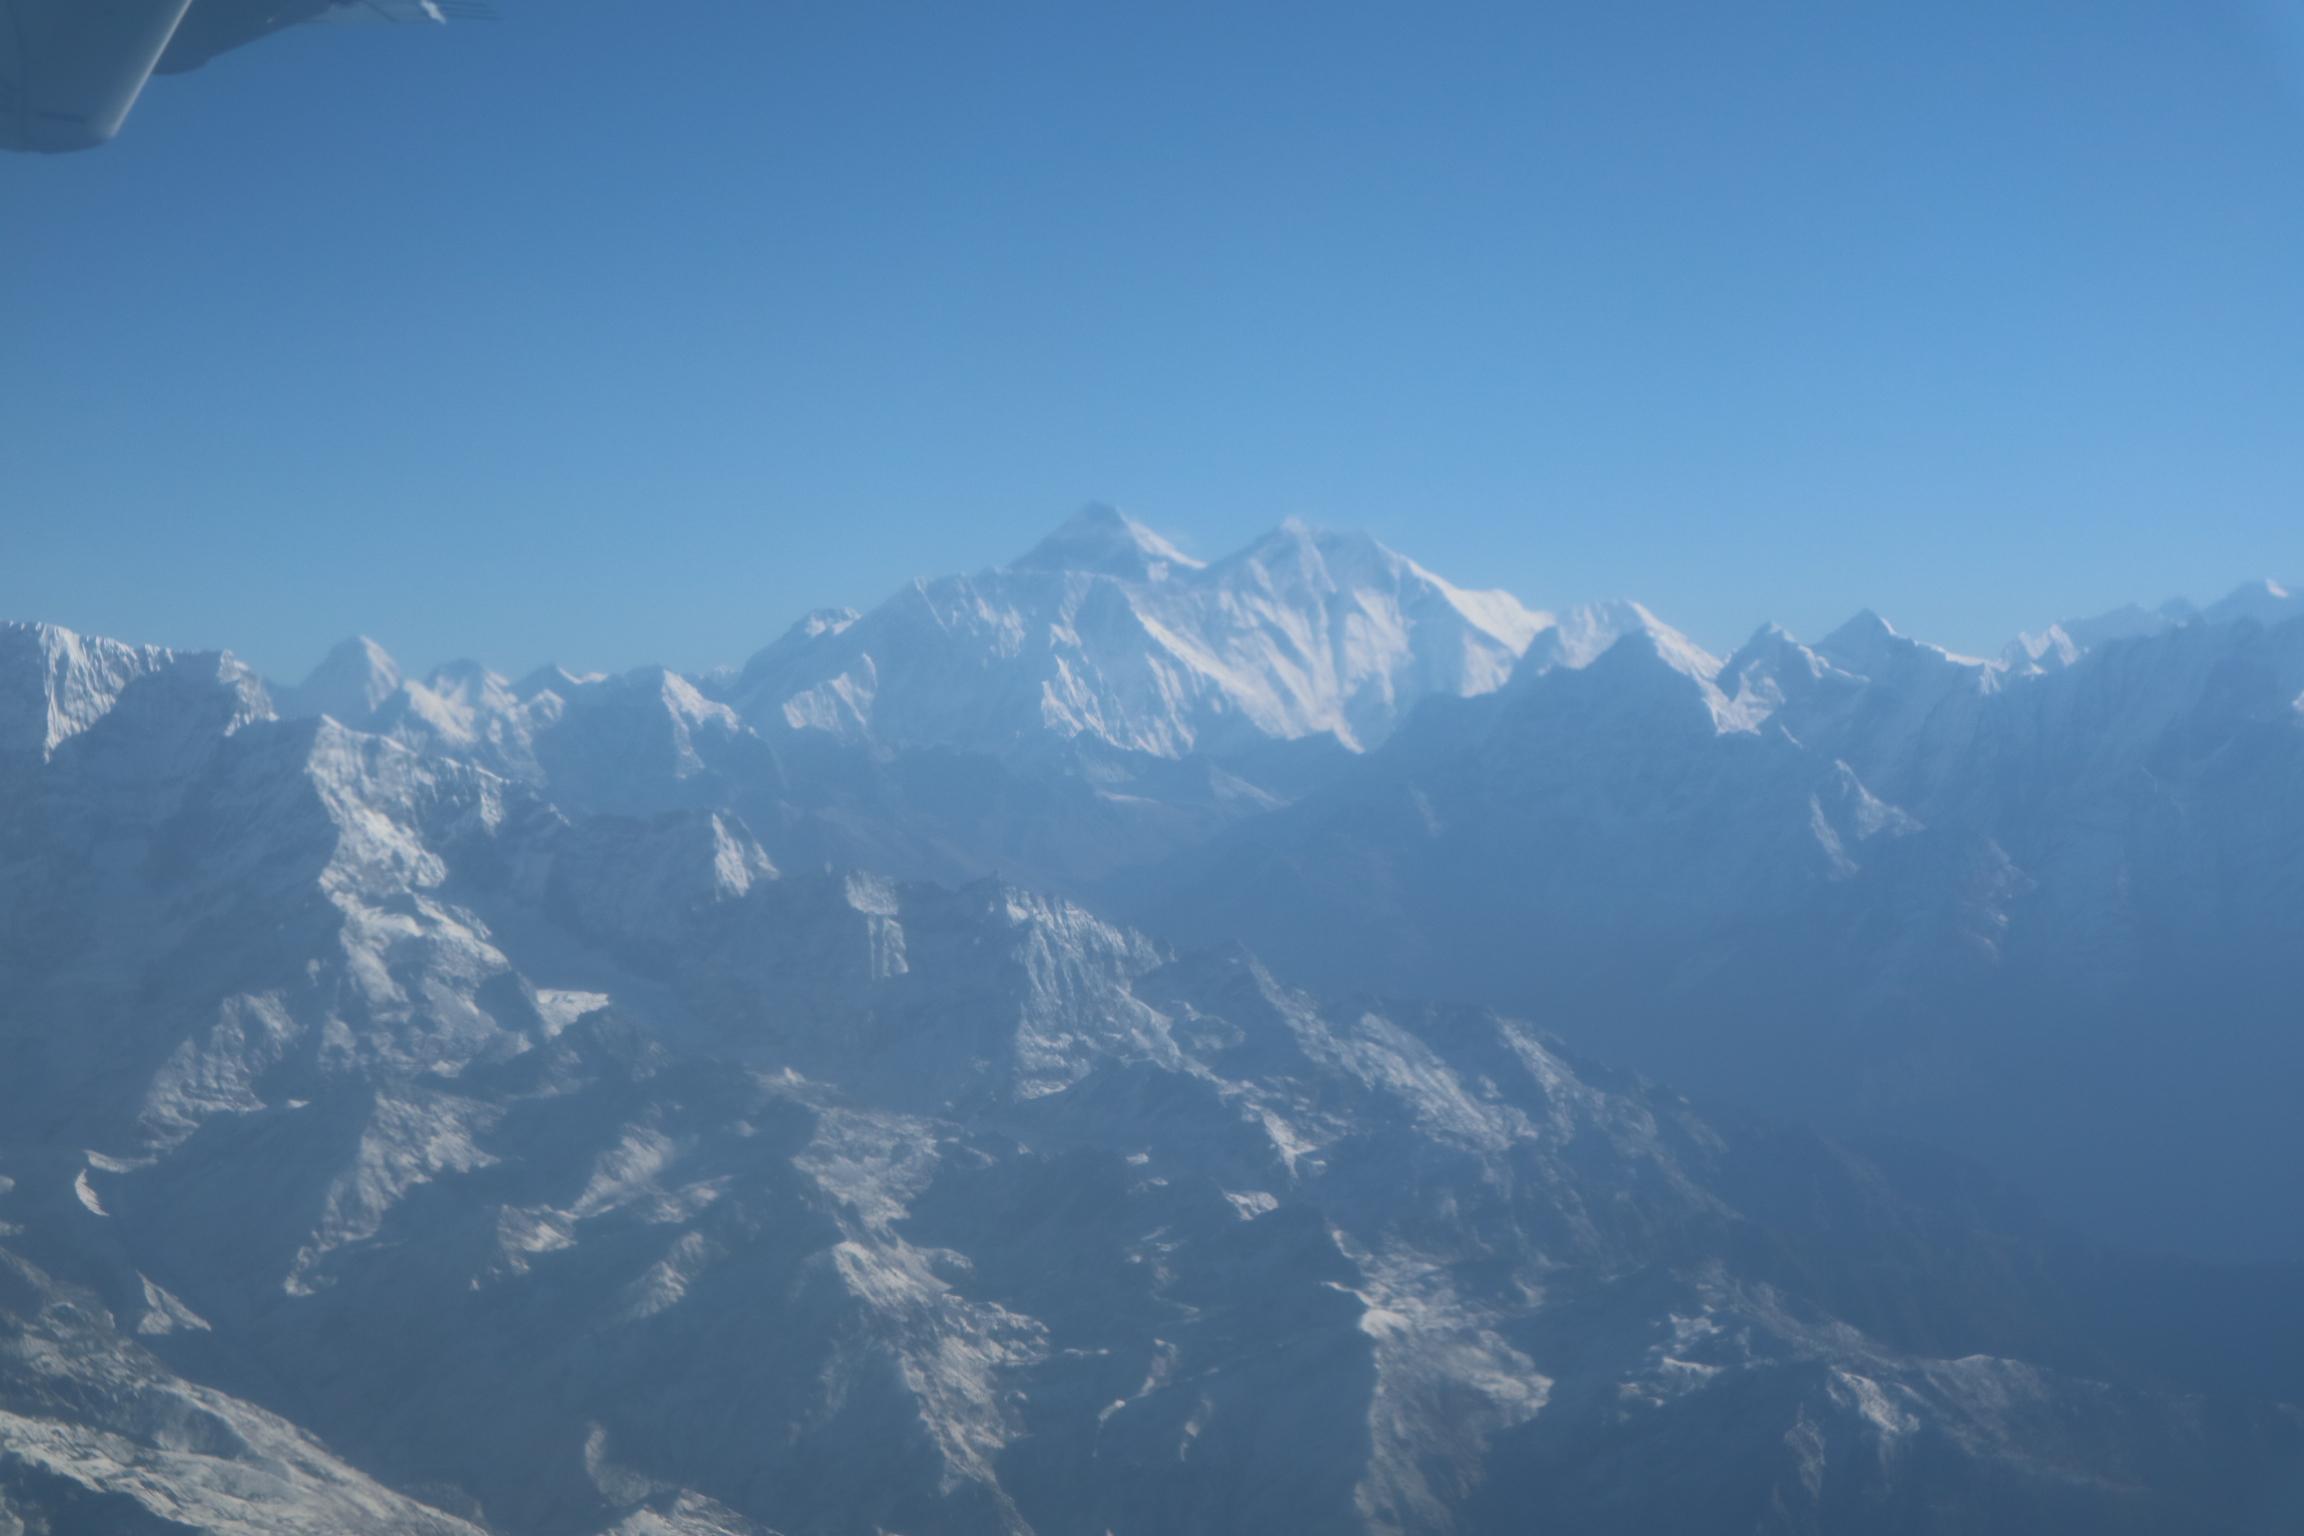 ネパール旅行記 6 エベレスト遊覧飛行